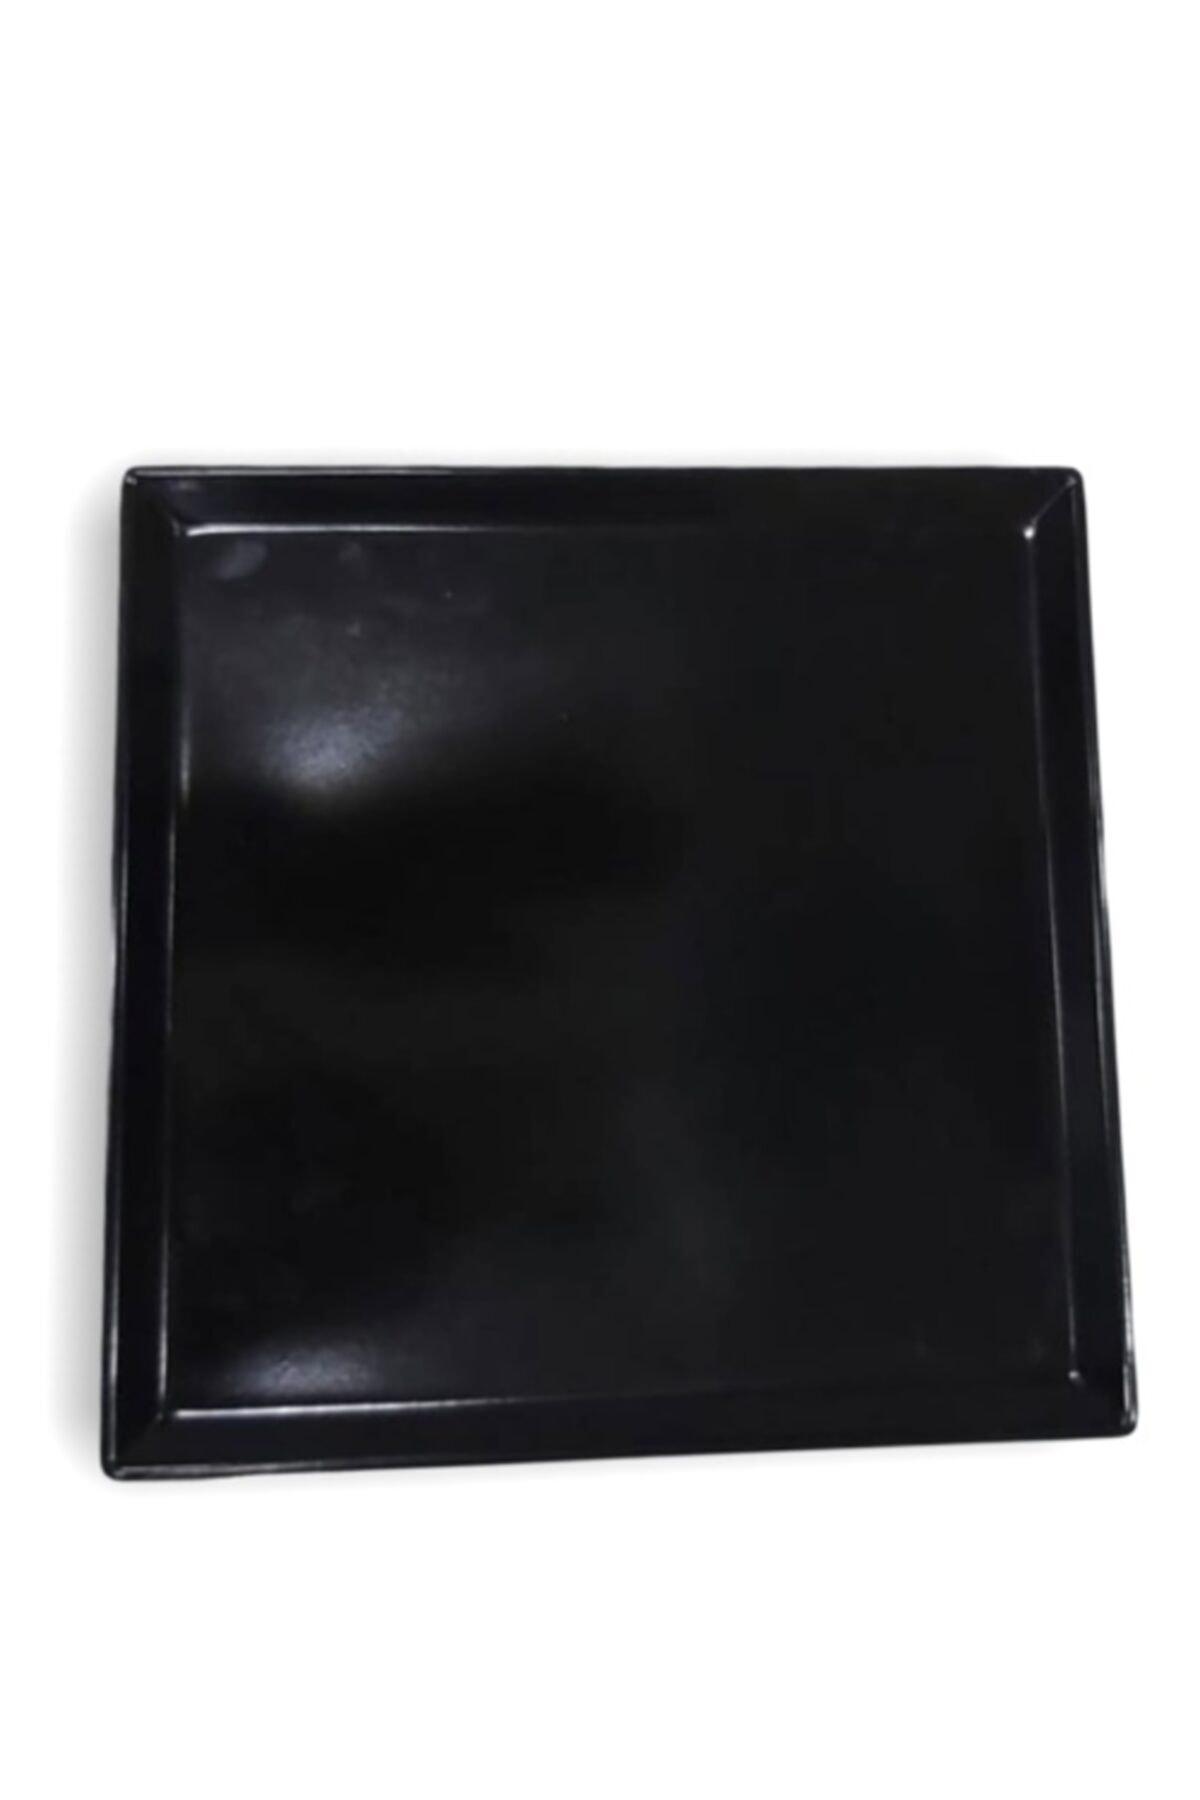 Evren 20*20cm Siyah Sunum Tabağı Thermo Melamin 2